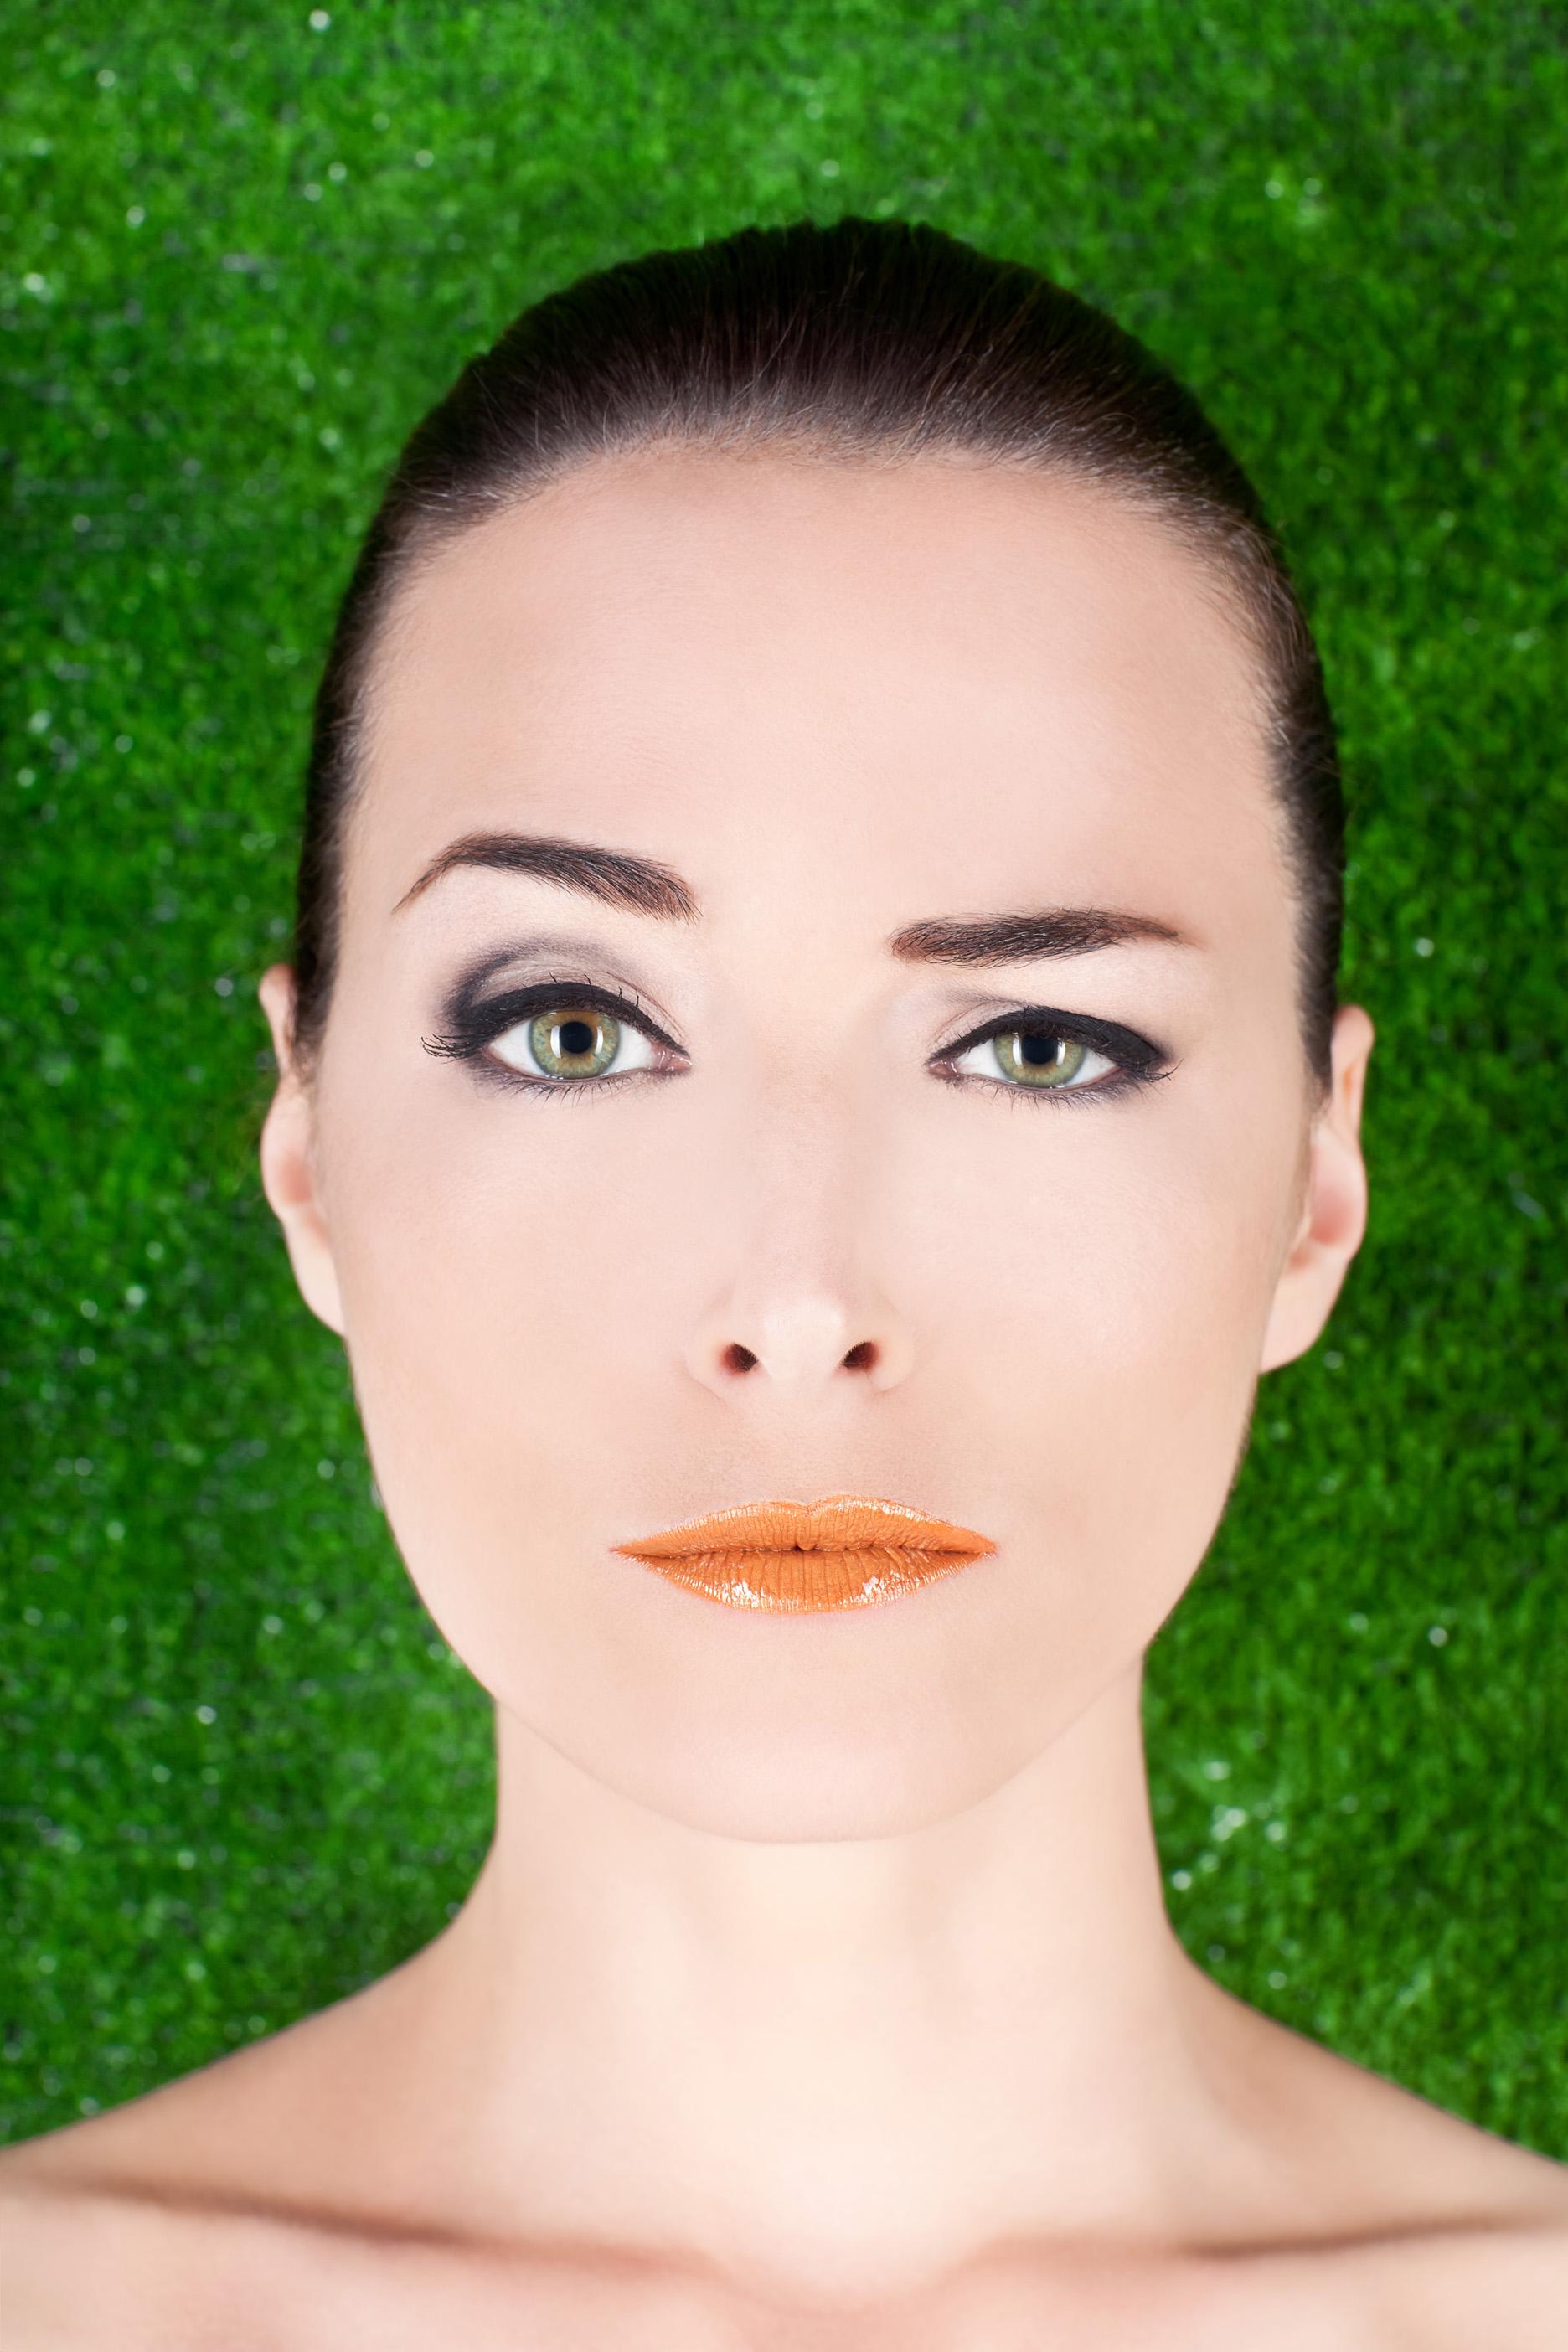 Чем приподнять брови при макияже